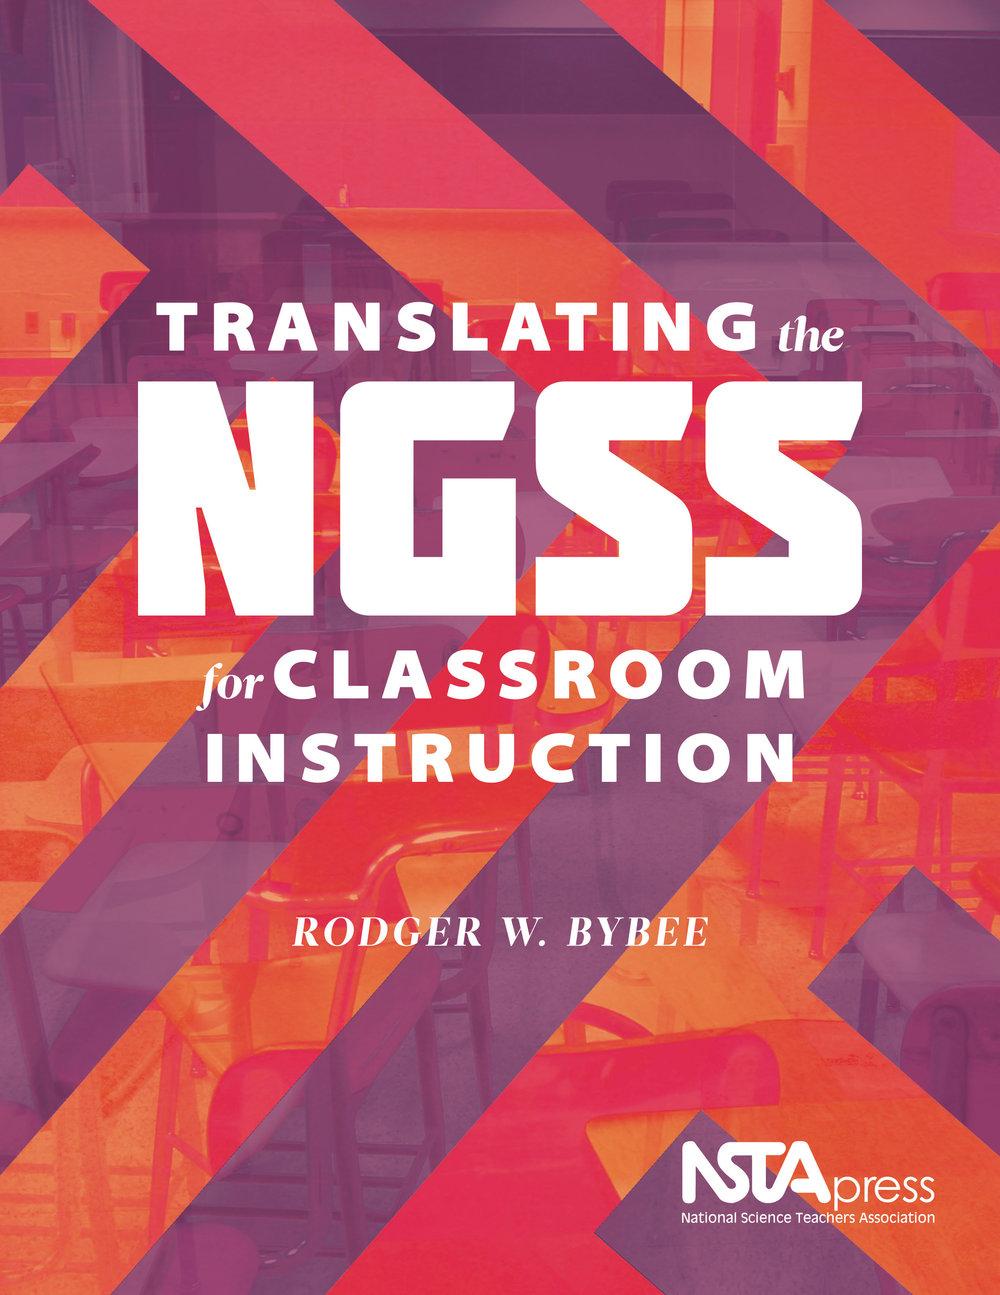 Translating NGSS_Cover.jpg